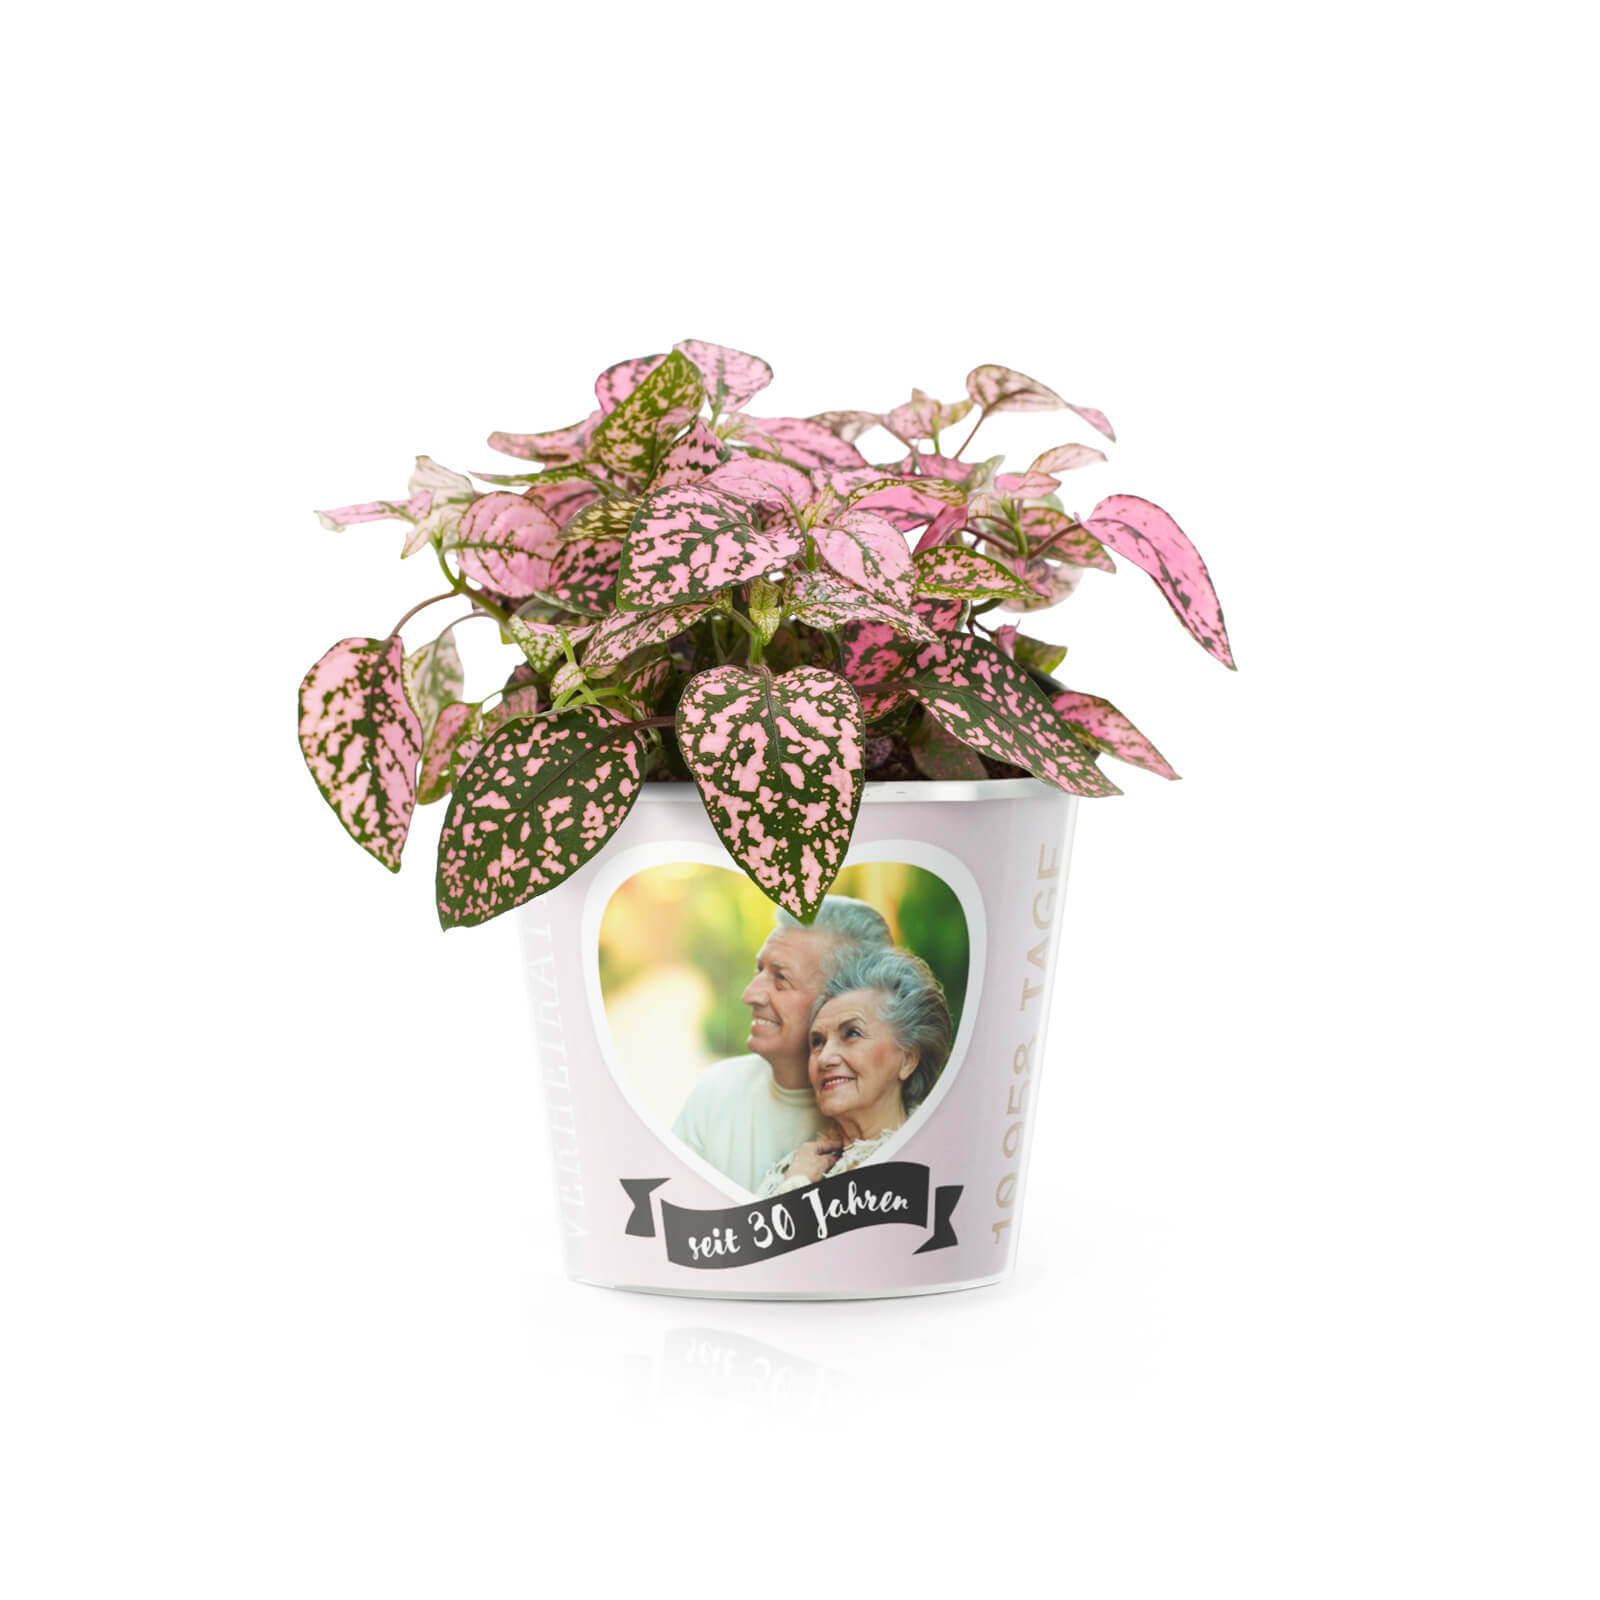 30 Hochzeitstag Geschenke Perlenhochzeit  30 Hochzeitstag Perlenhochzeit – Blumentopf von MyFacepot